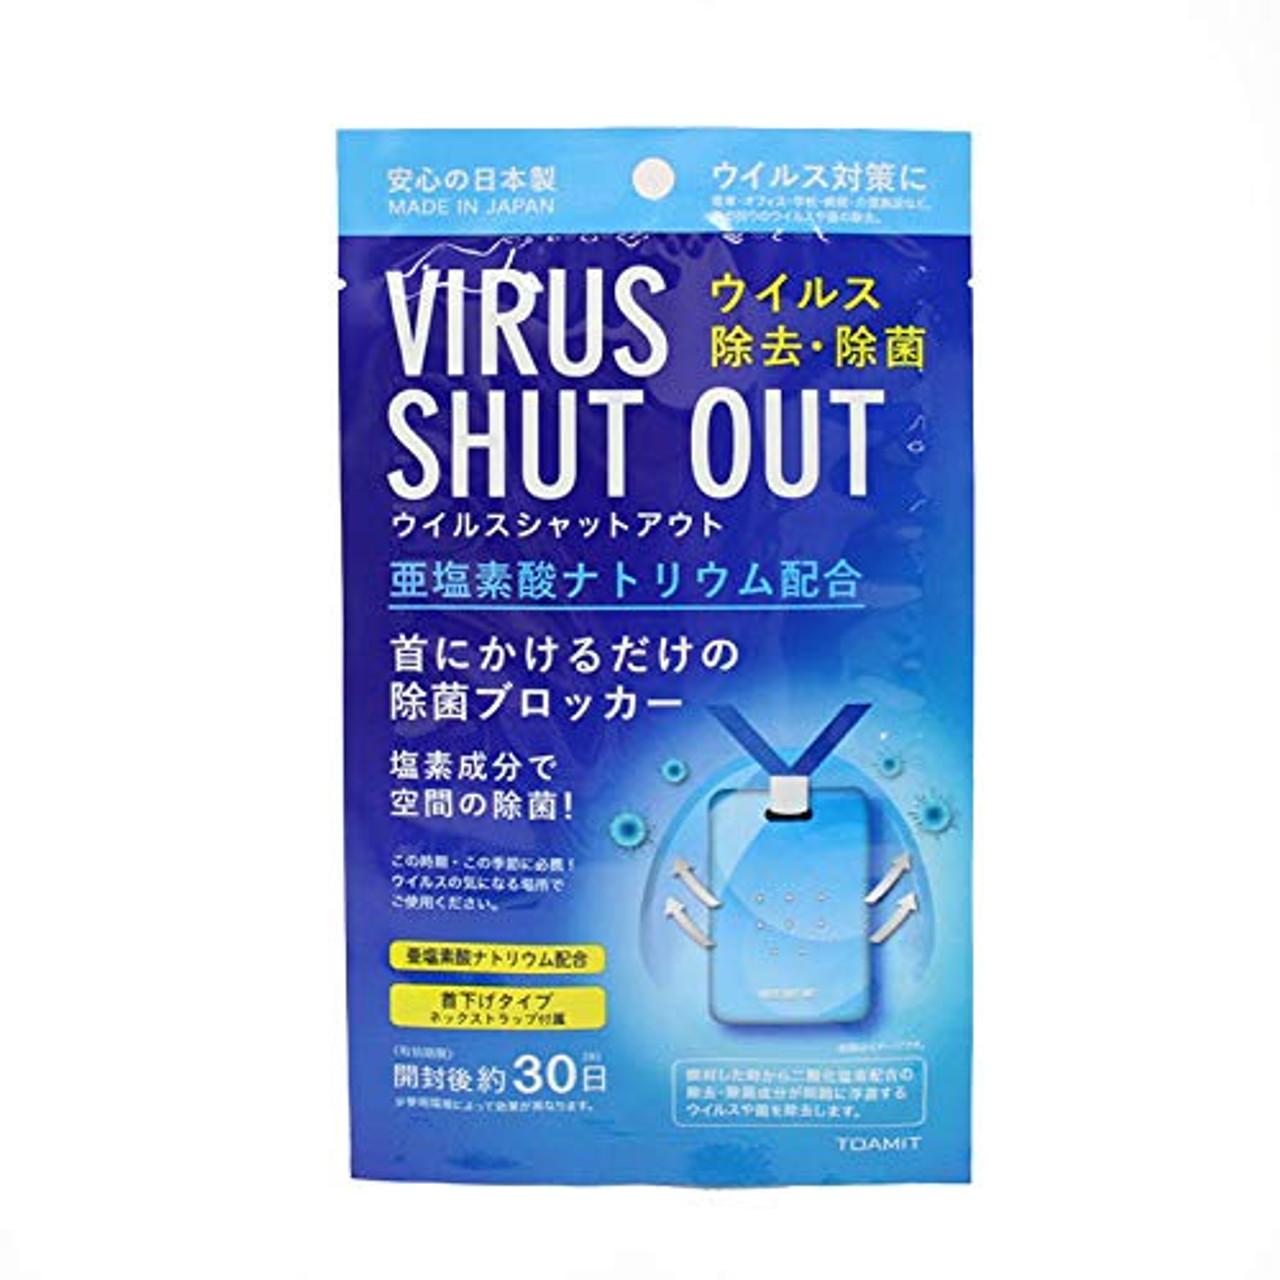 Virus Shut Out – блокатор вирусов